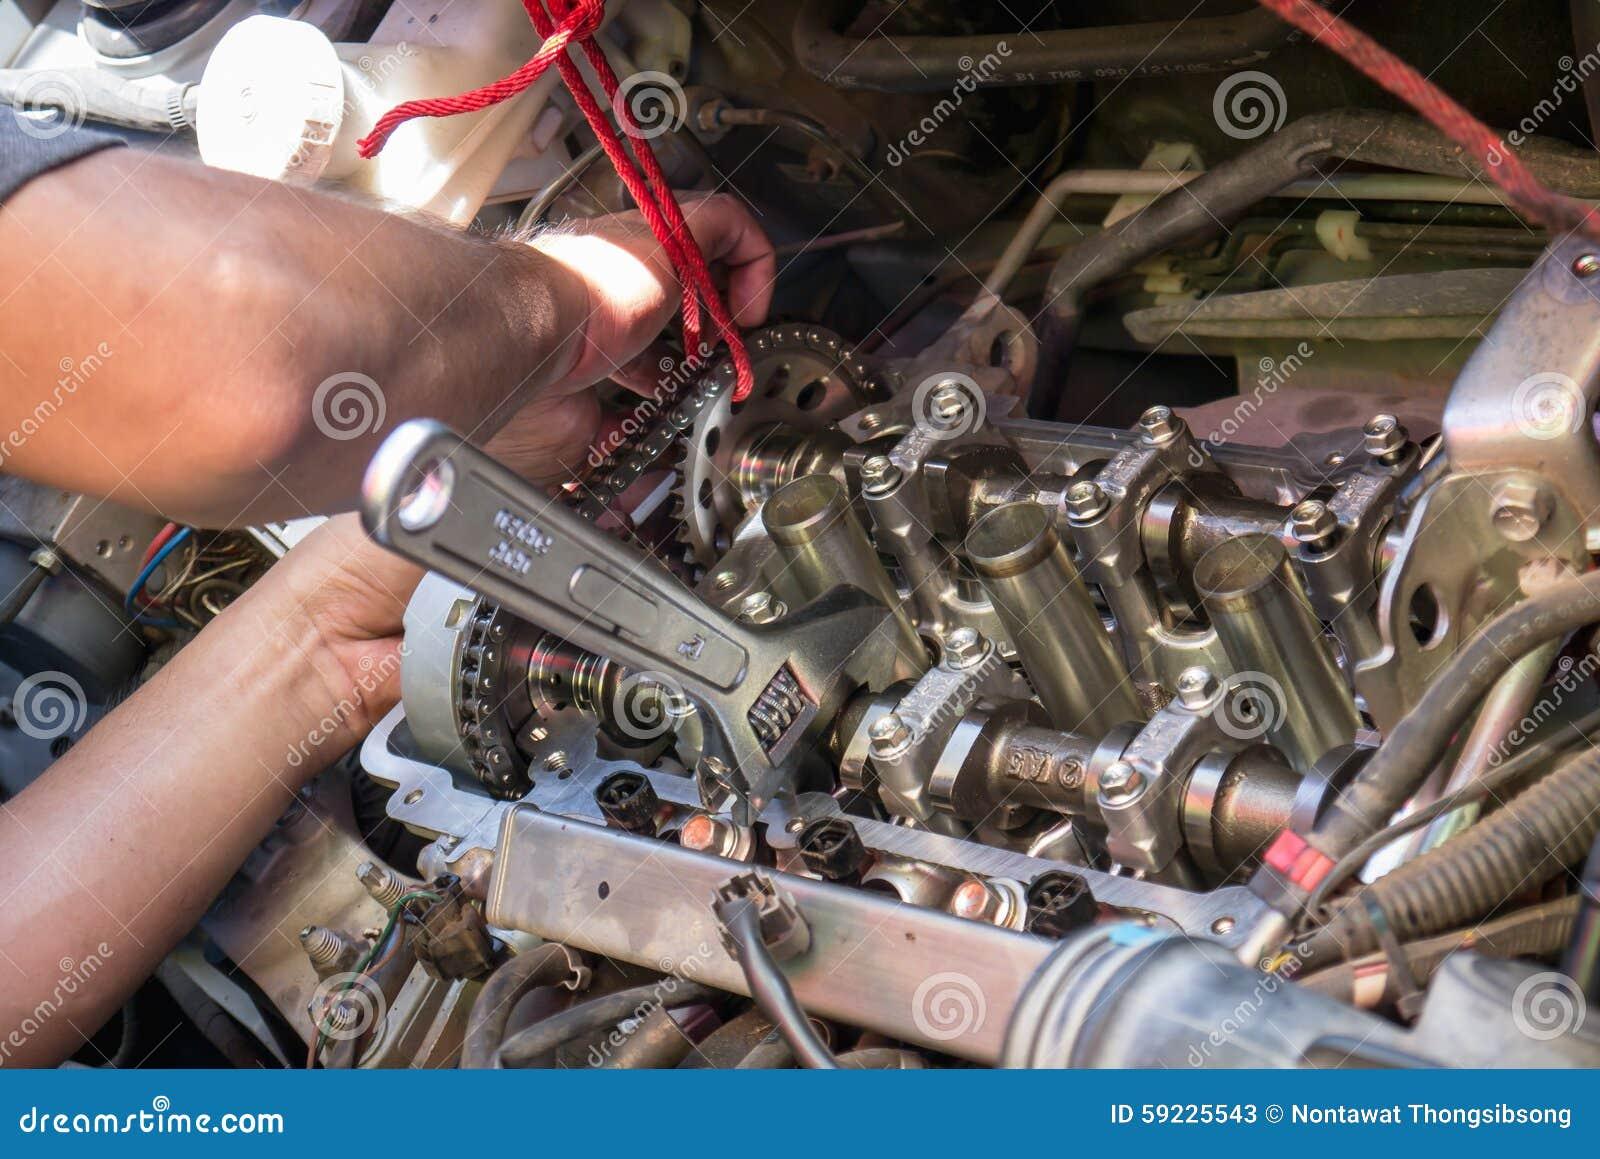 Download Motor De Coche De La Fijación Usando Método Local En Tailandia Imagen de archivo - Imagen de varón, ingeniero: 59225543